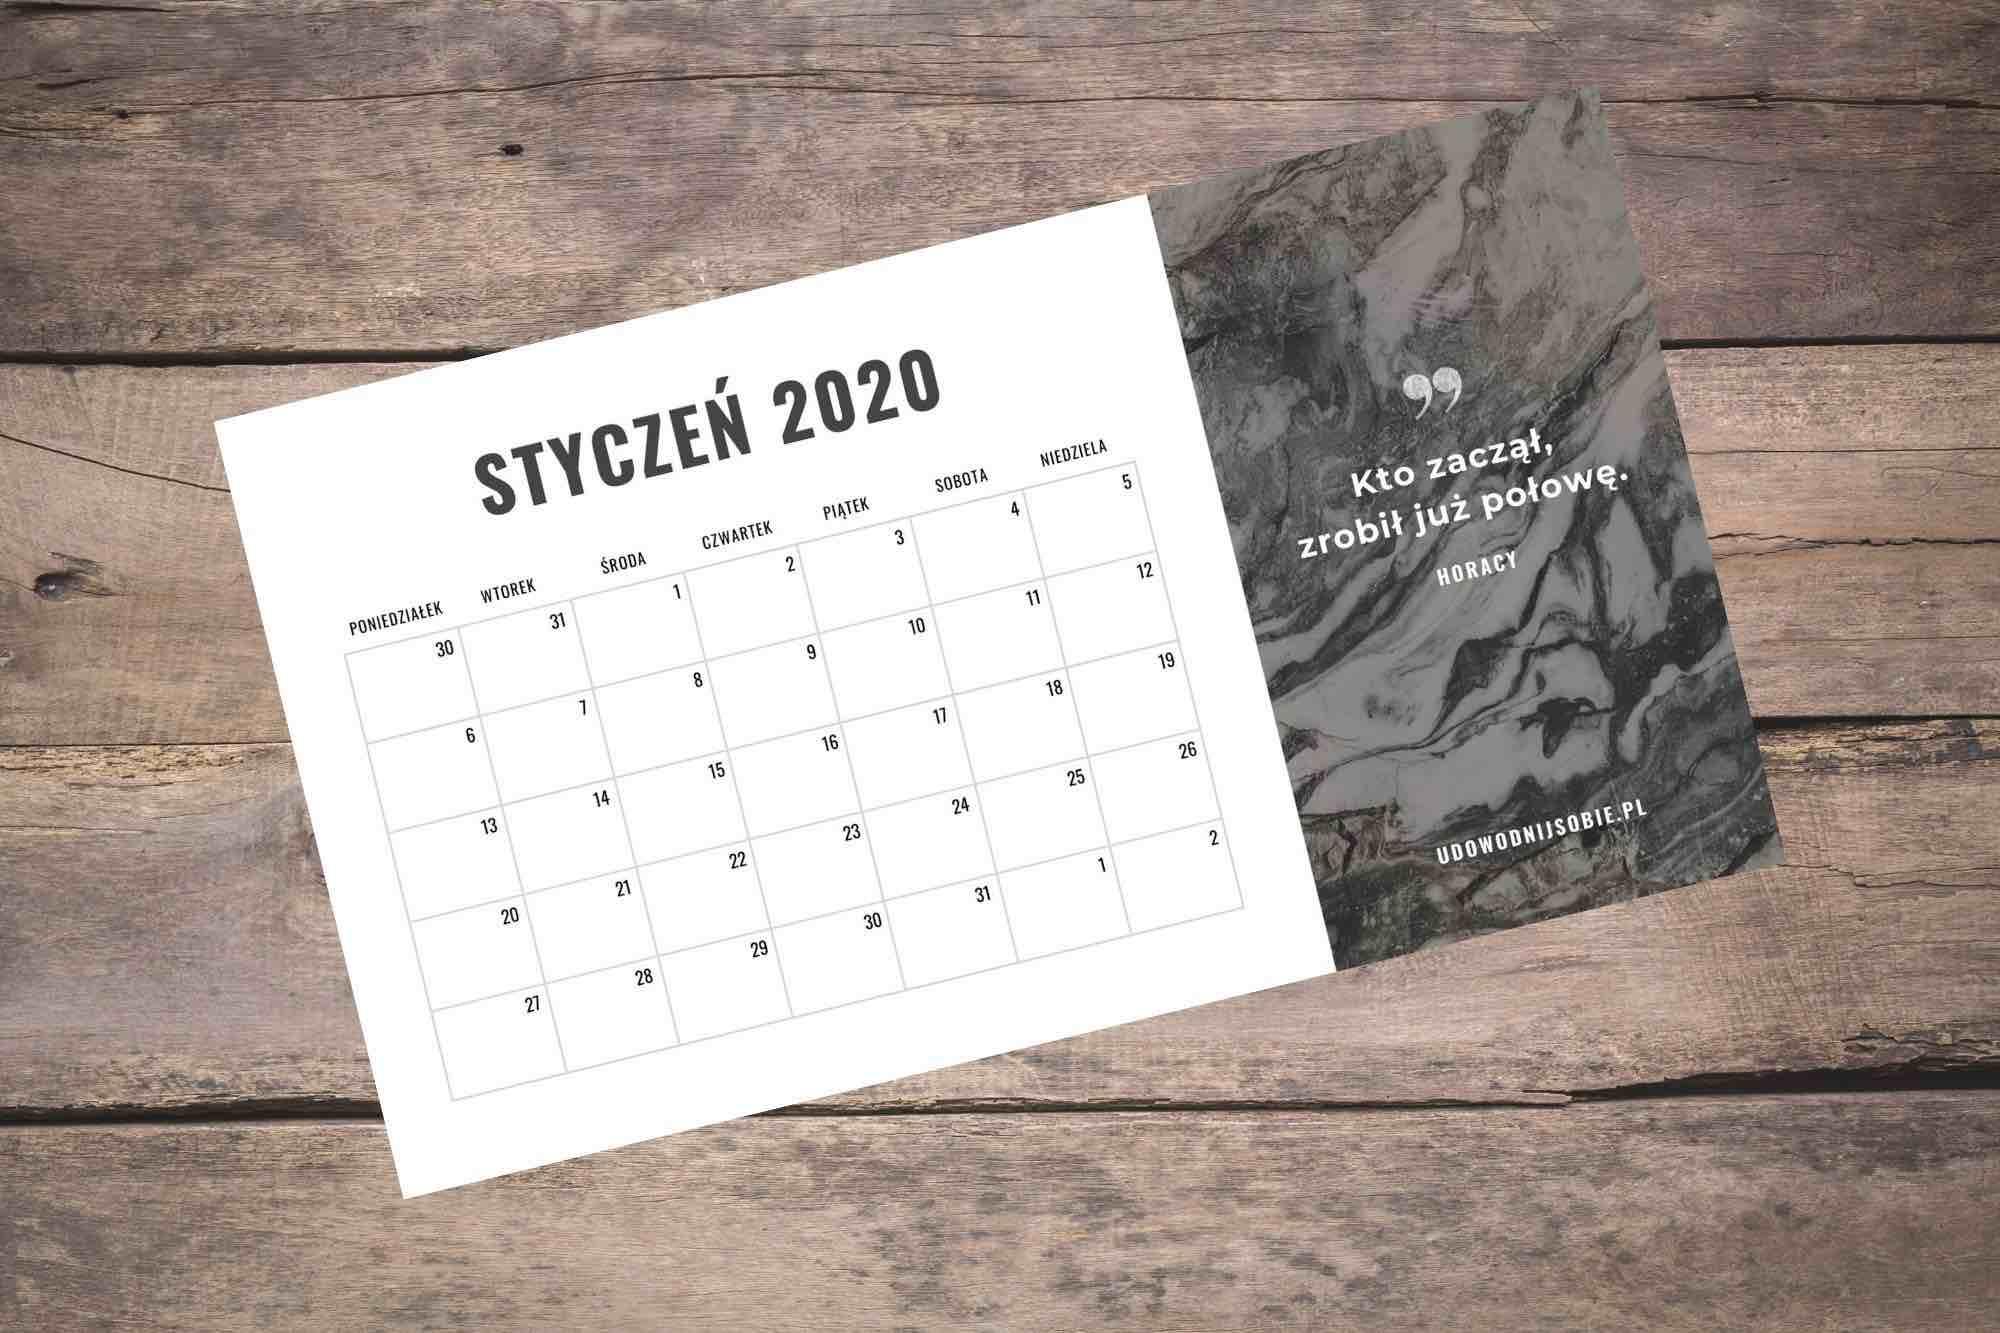 Pobierz kalendarz 2020 za darmo